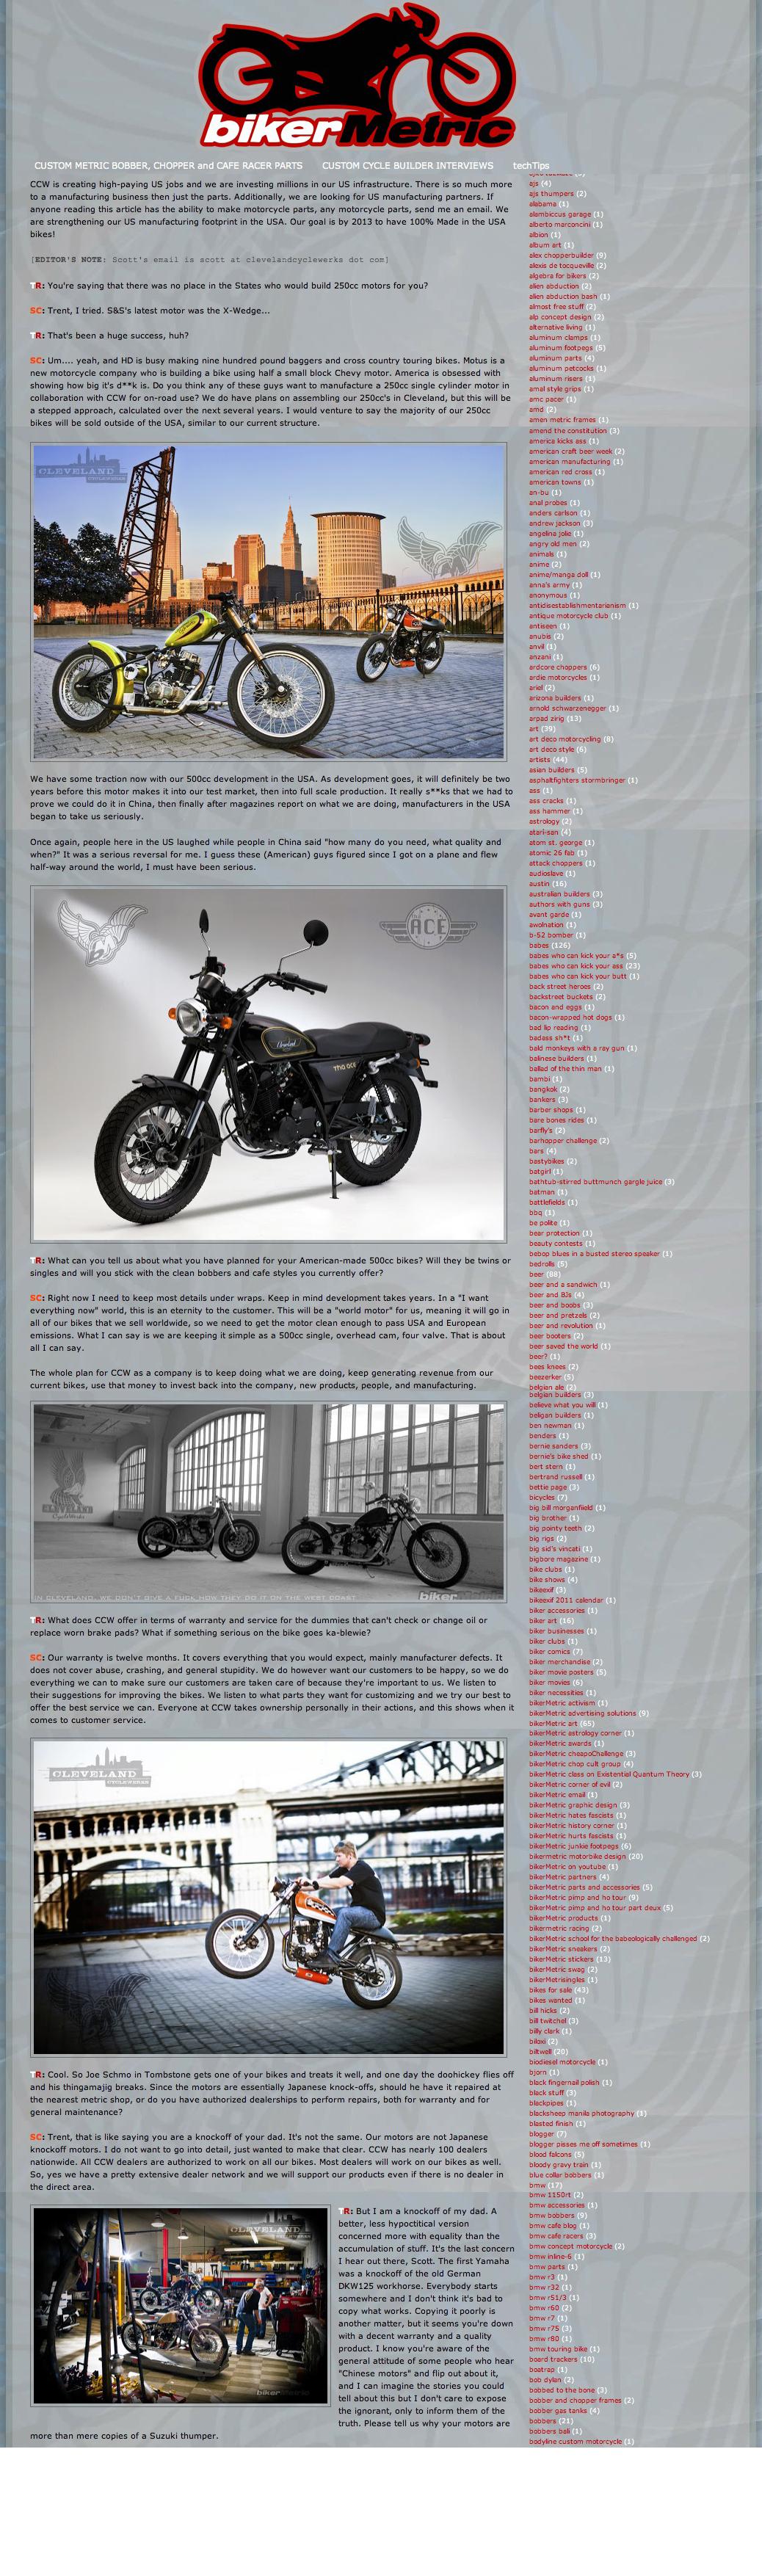 Biker-Metric-2012-02.jpg